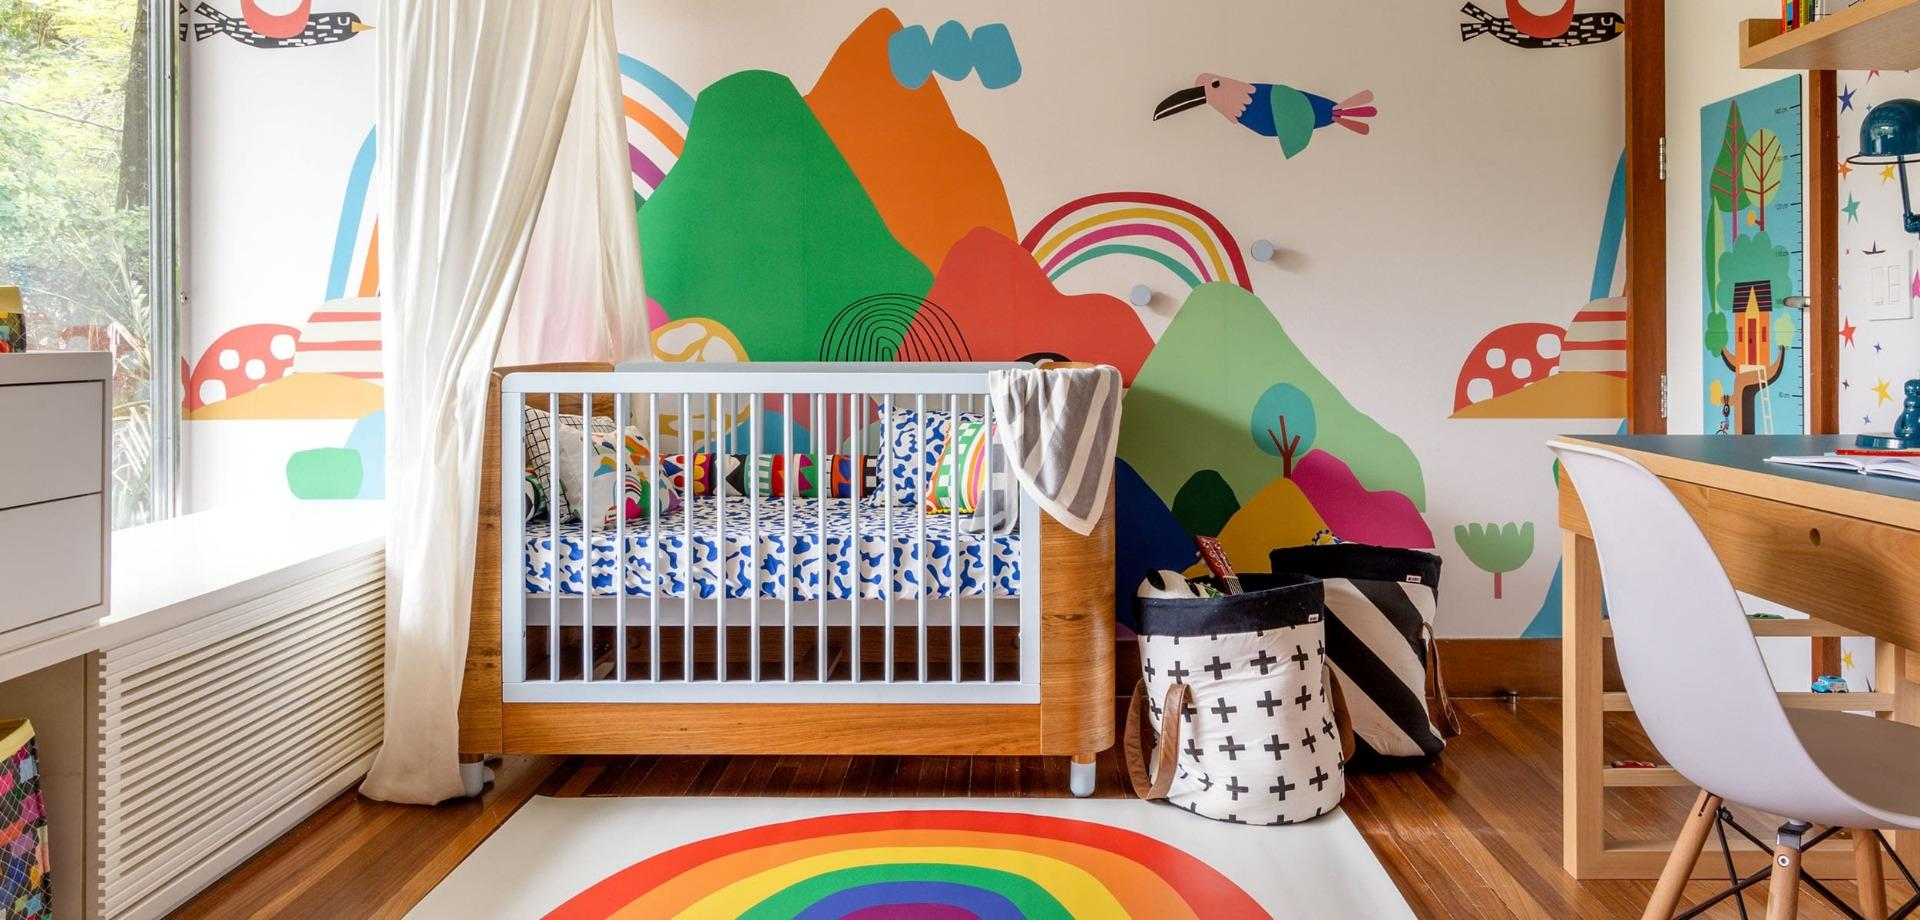 berço de bebê com roupa de cama colorida em frente a um papel de parede colorido de montanhas e passados.